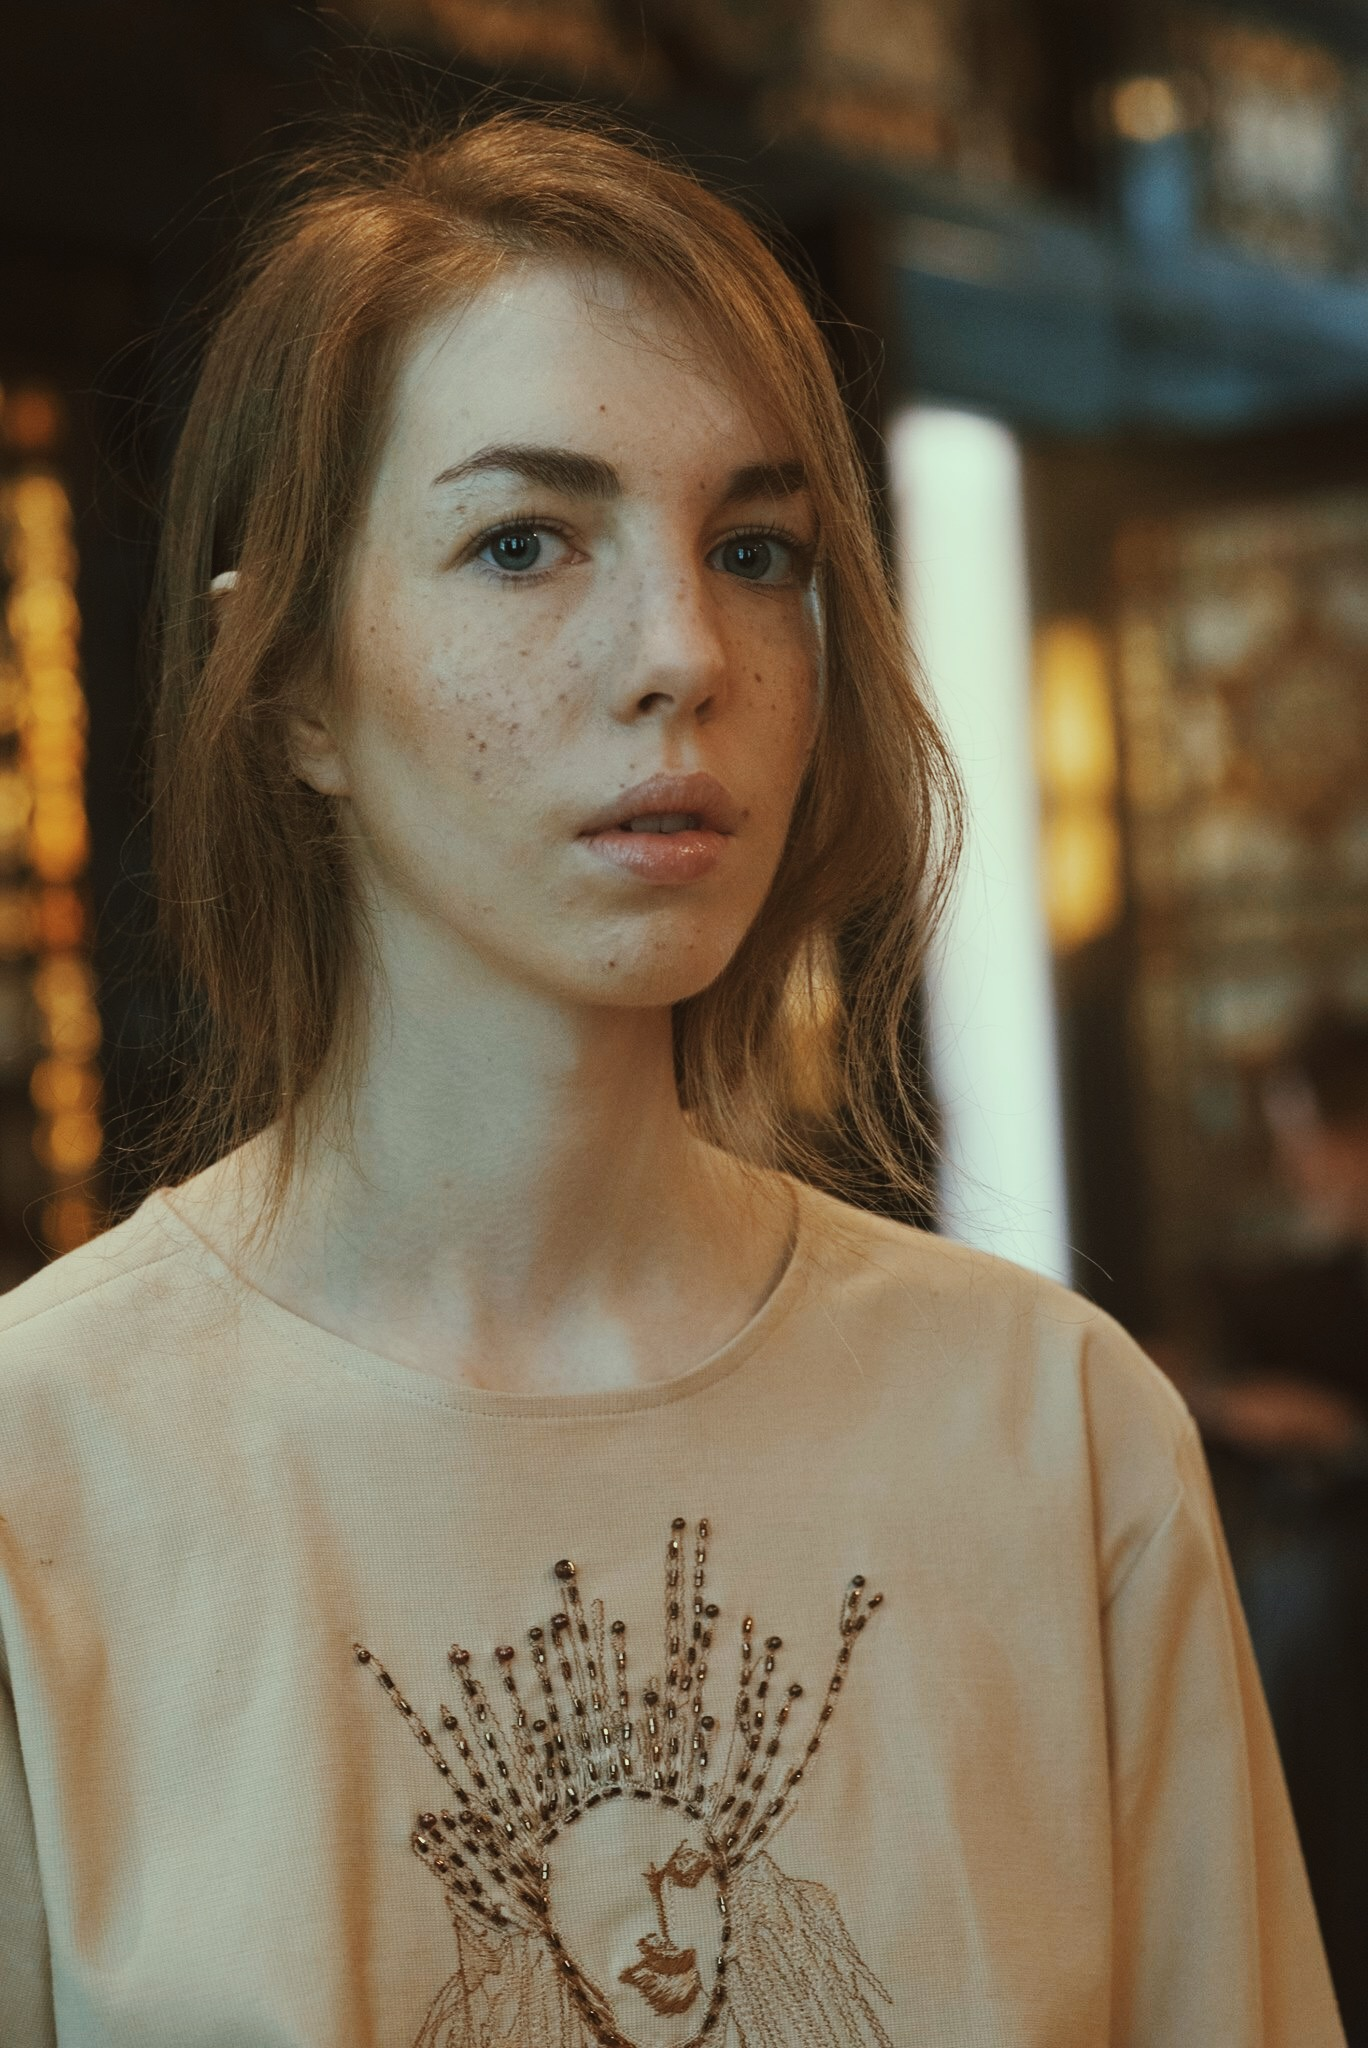 Sophie Barrott| Portrait Photography